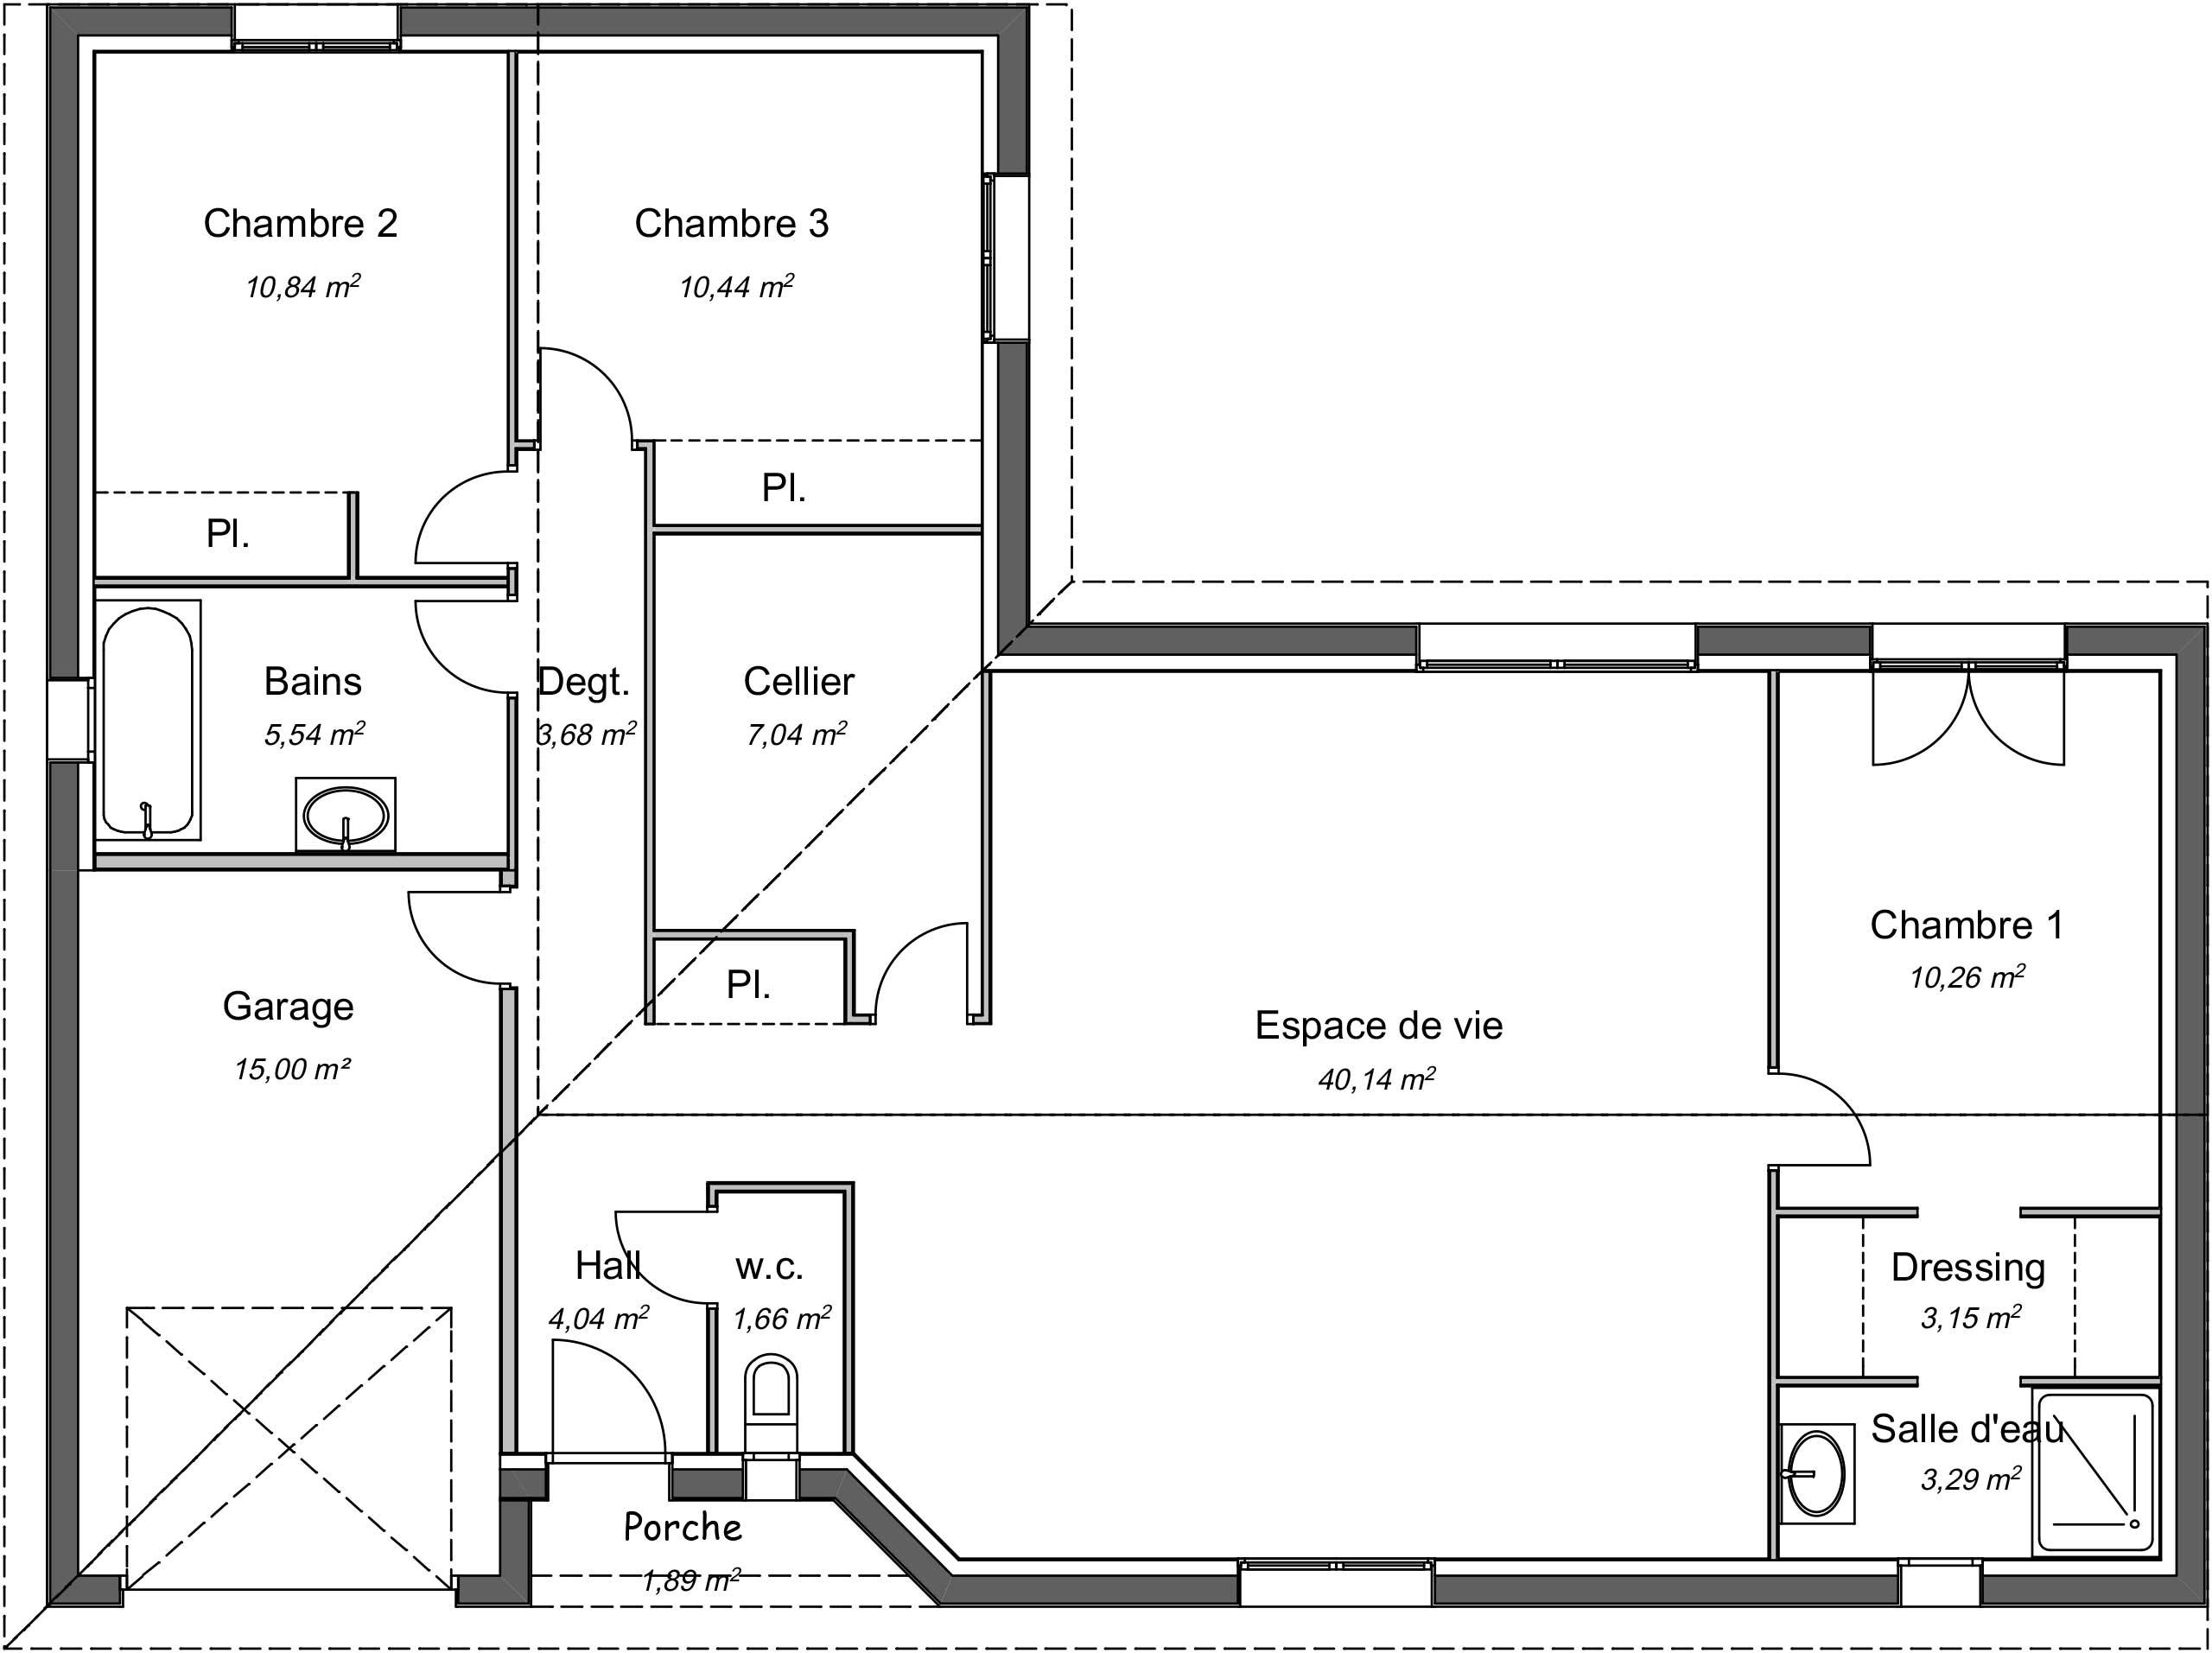 Maison Contemporaine Plain Pied Meleze Avec Plans Demeures D Occitanie Constructeur Maison Individuelle Occitanie Region Sud